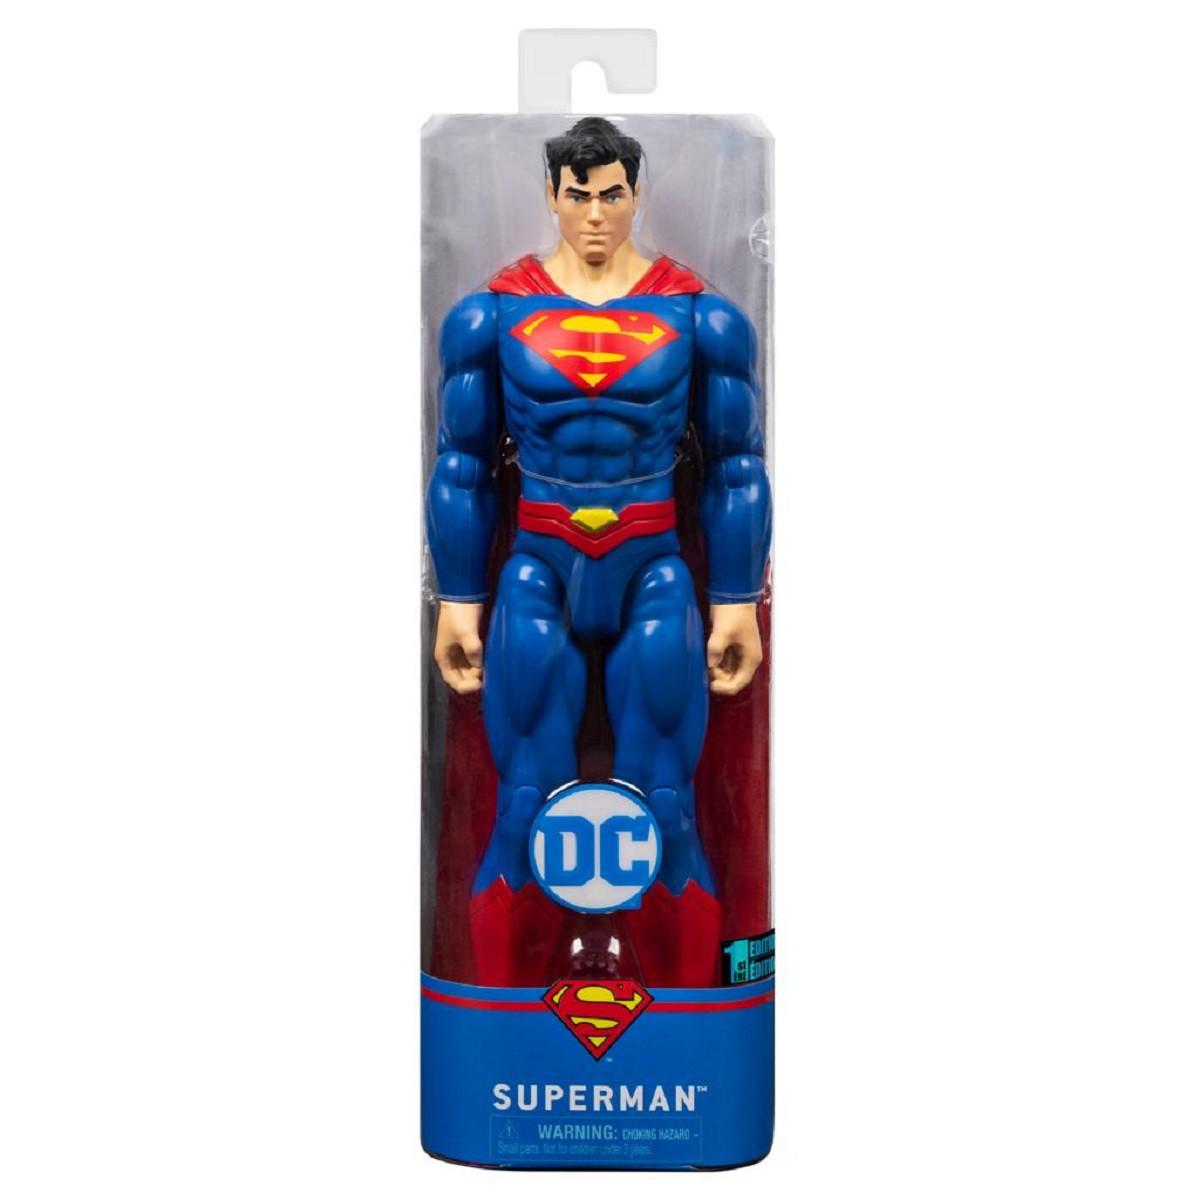 DC Comics LIGA DA JUSTIÇA Boneco De Ação SUPERMAN Articulado